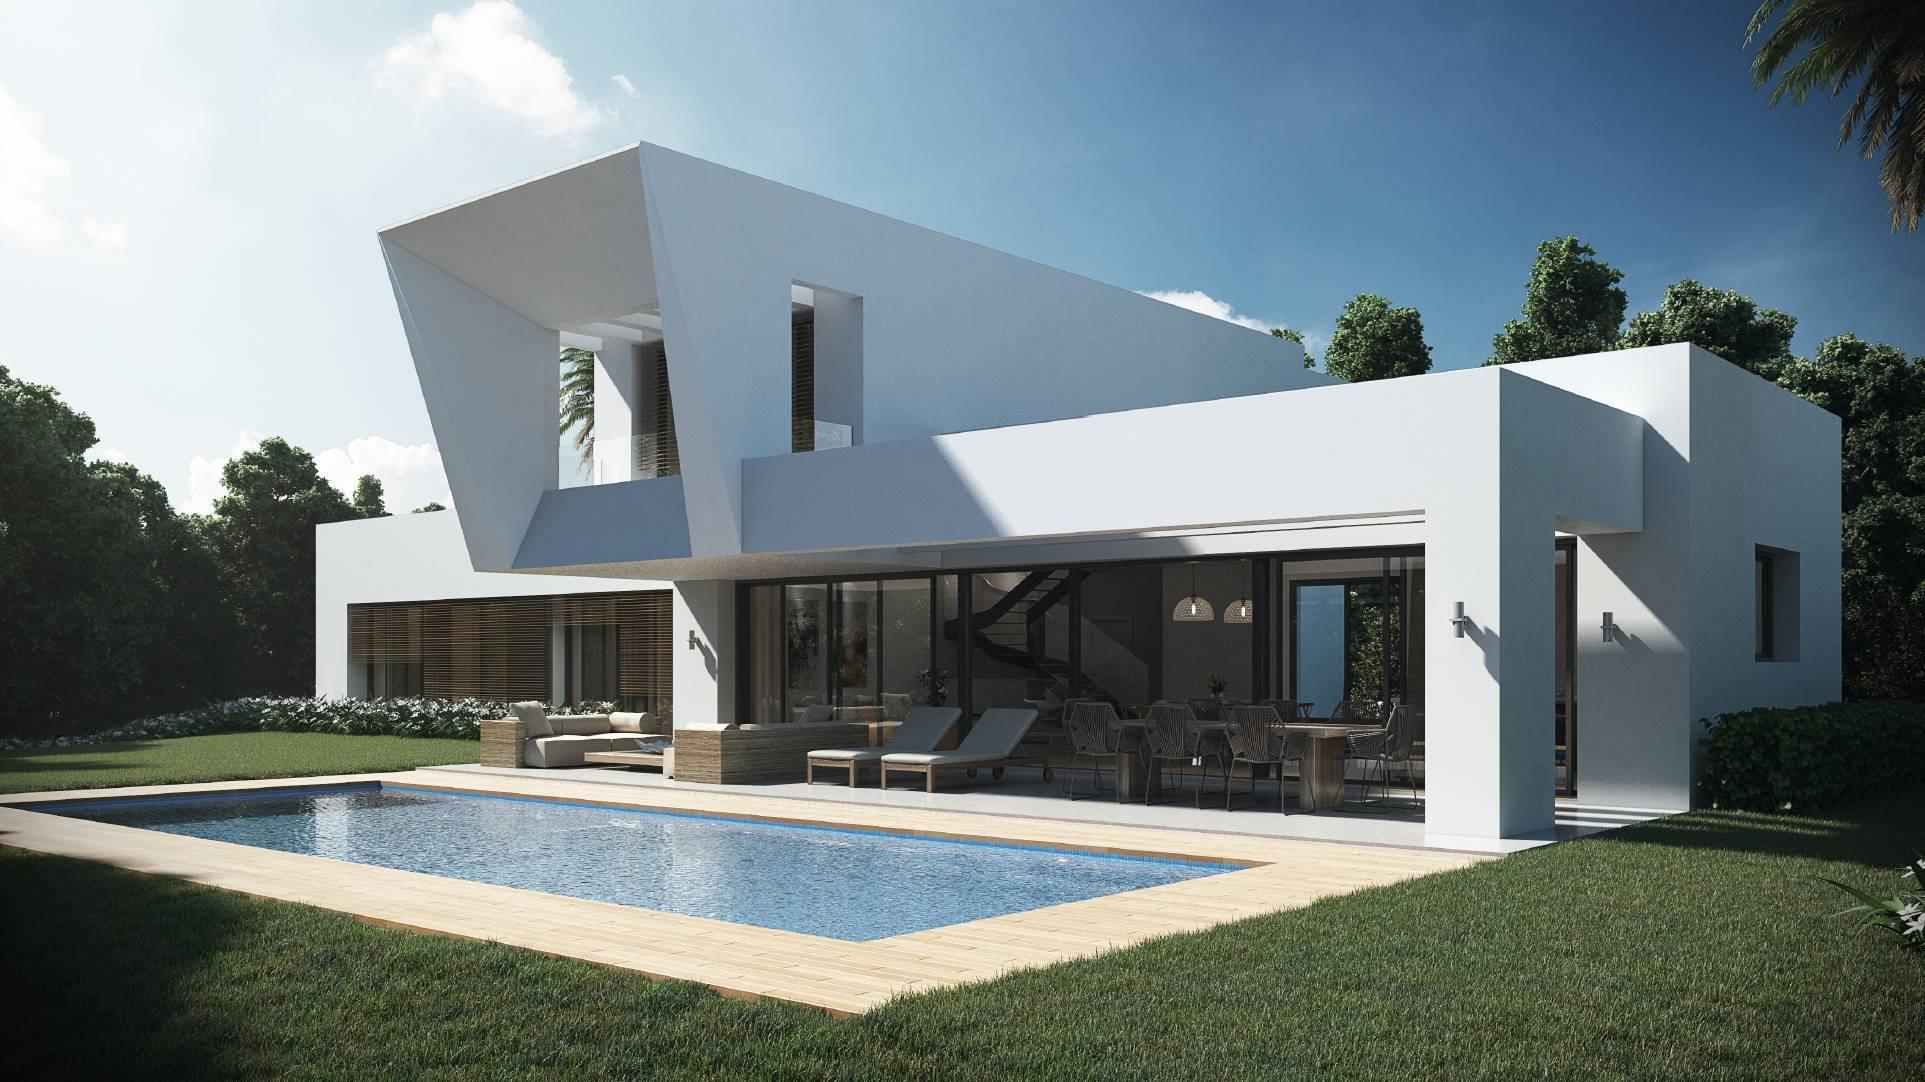 New golden mile 18 moderne villa 39 s - Moderne entreehal ...